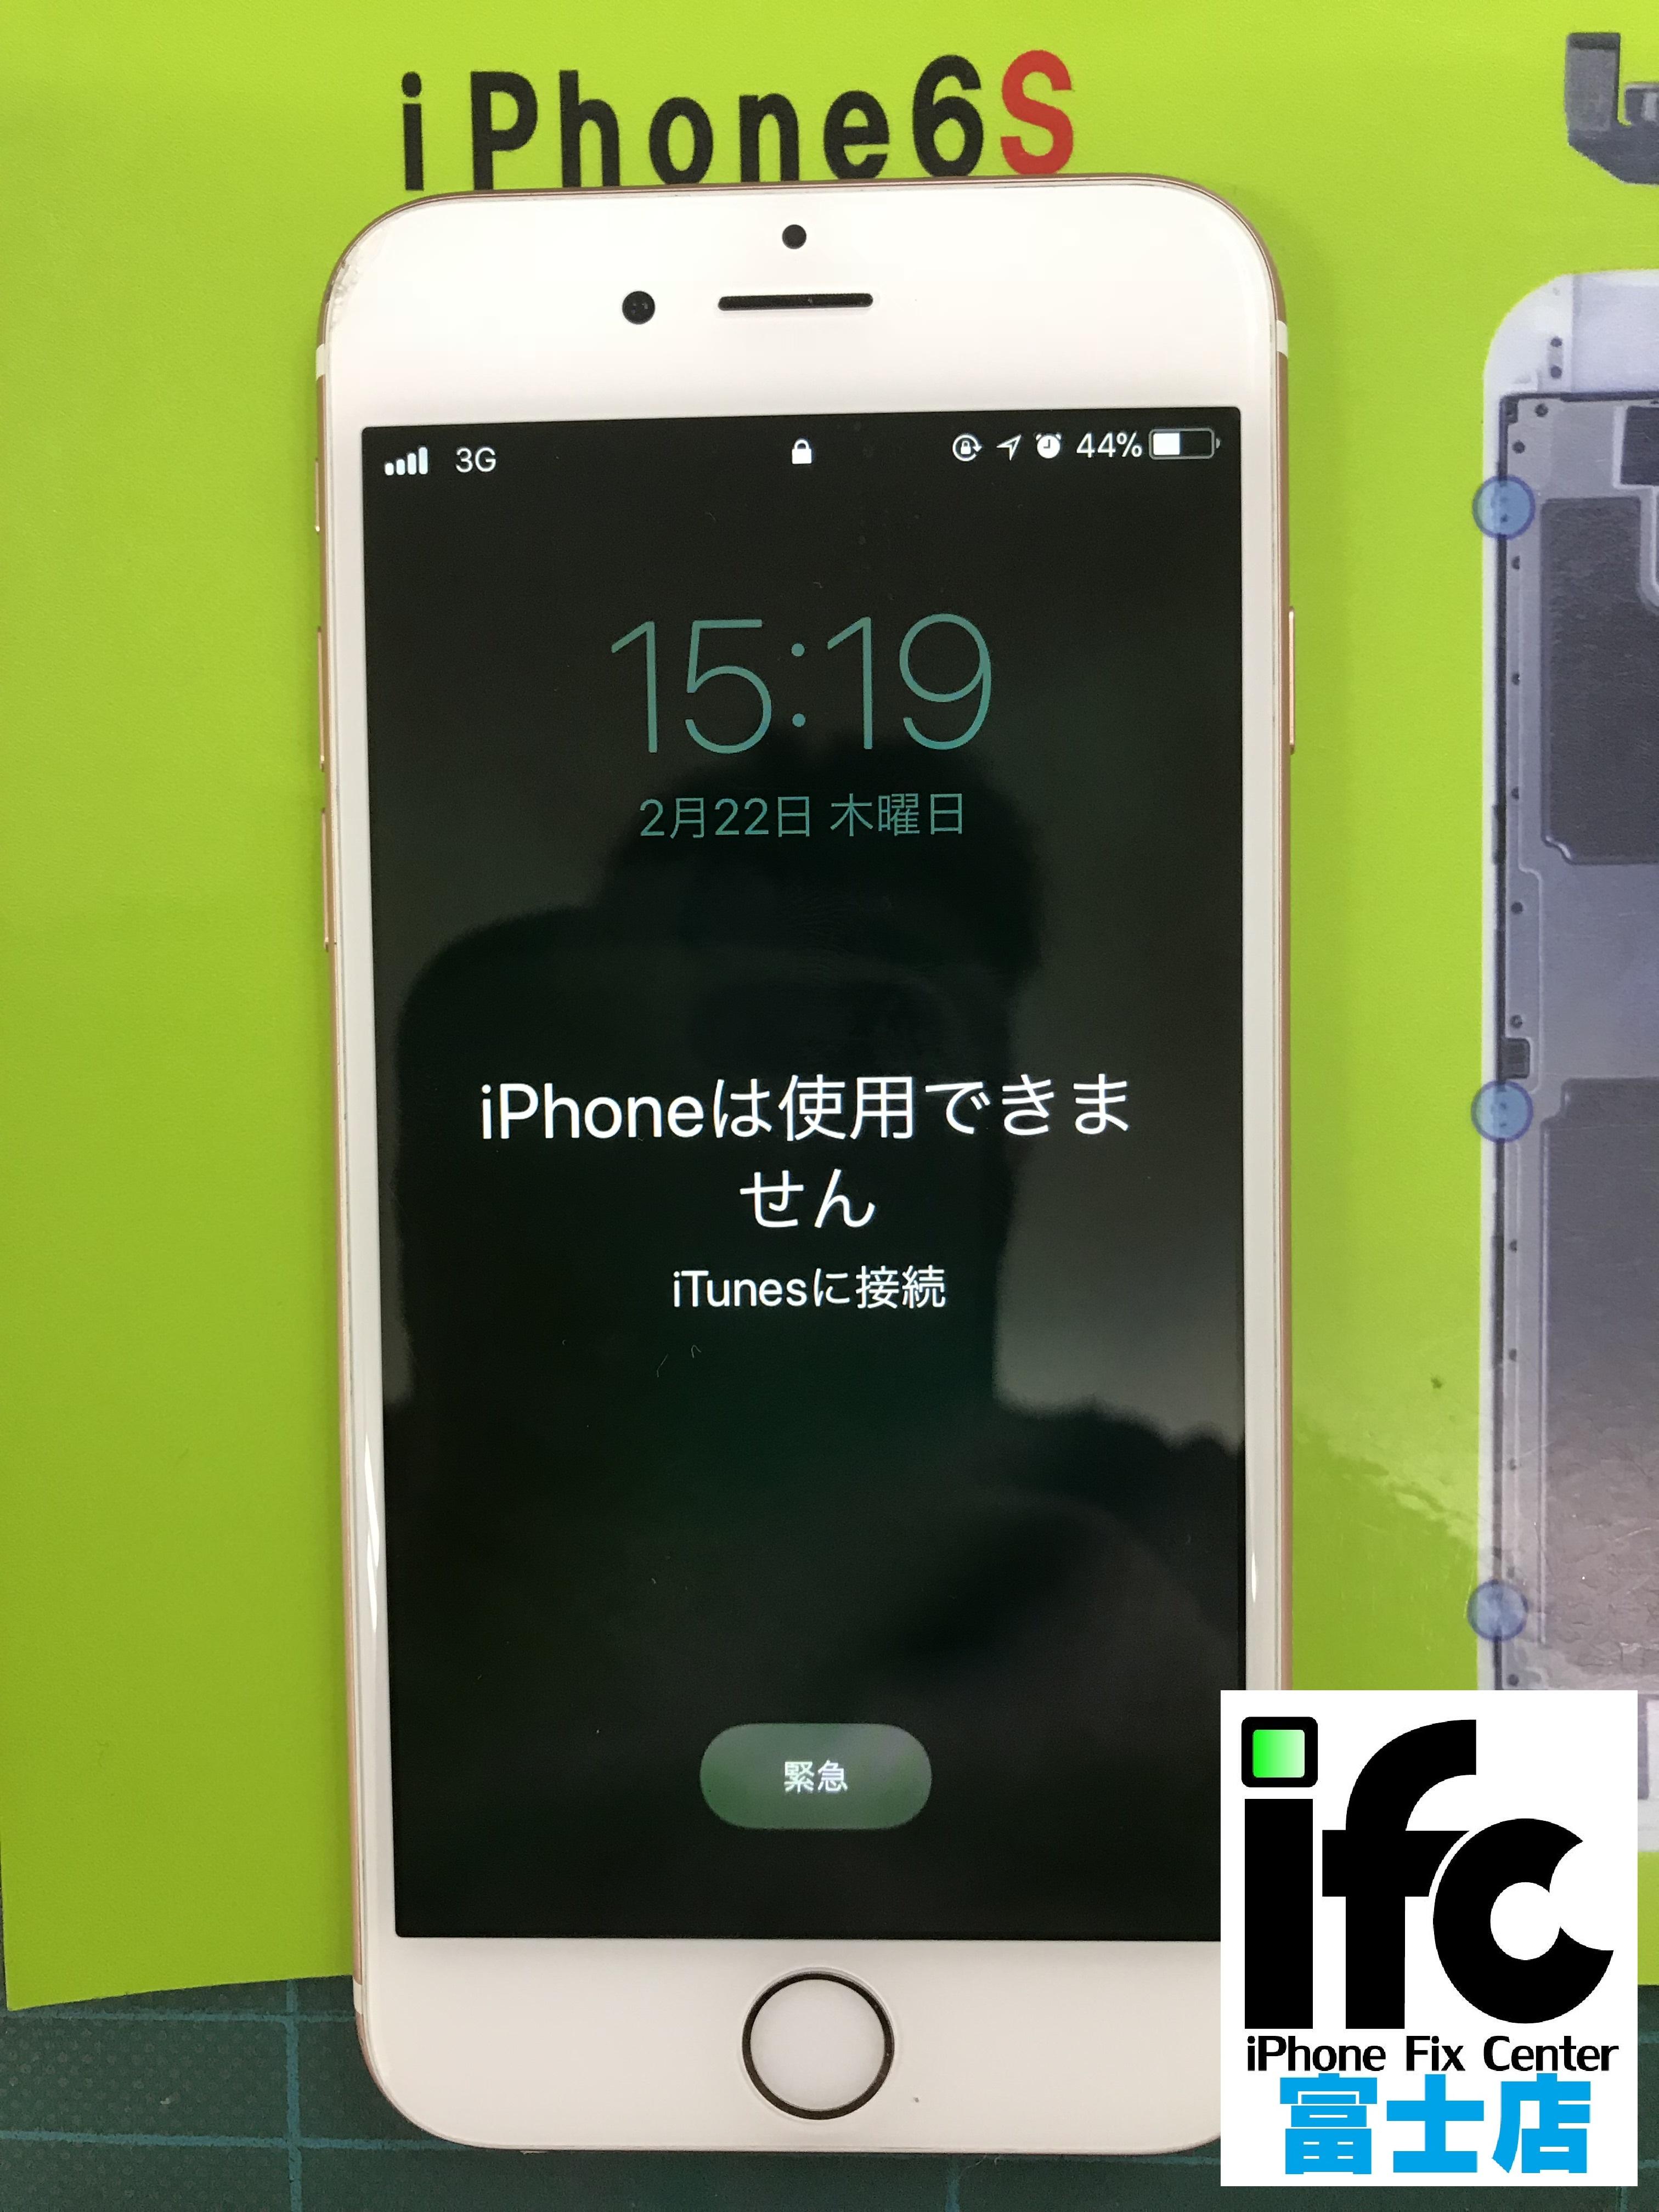 iphone は 使用 できません itunes に 接続